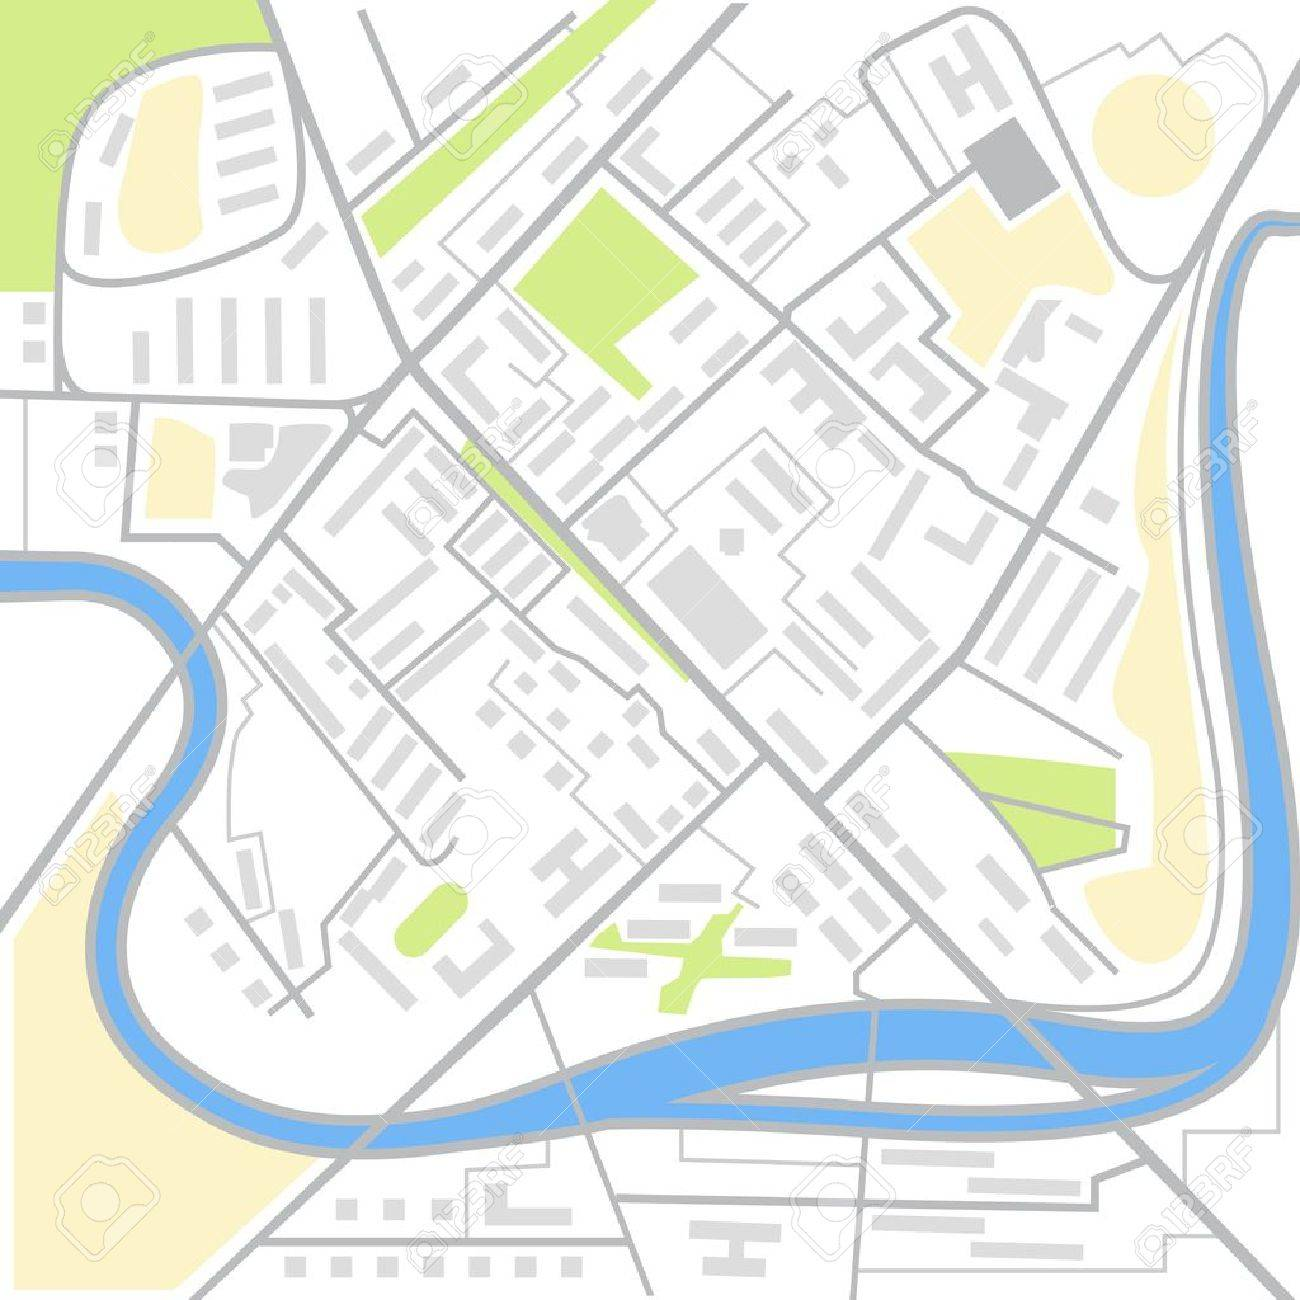 抽象的な都市地図イラストのイラスト素材ベクタ Image 17891478